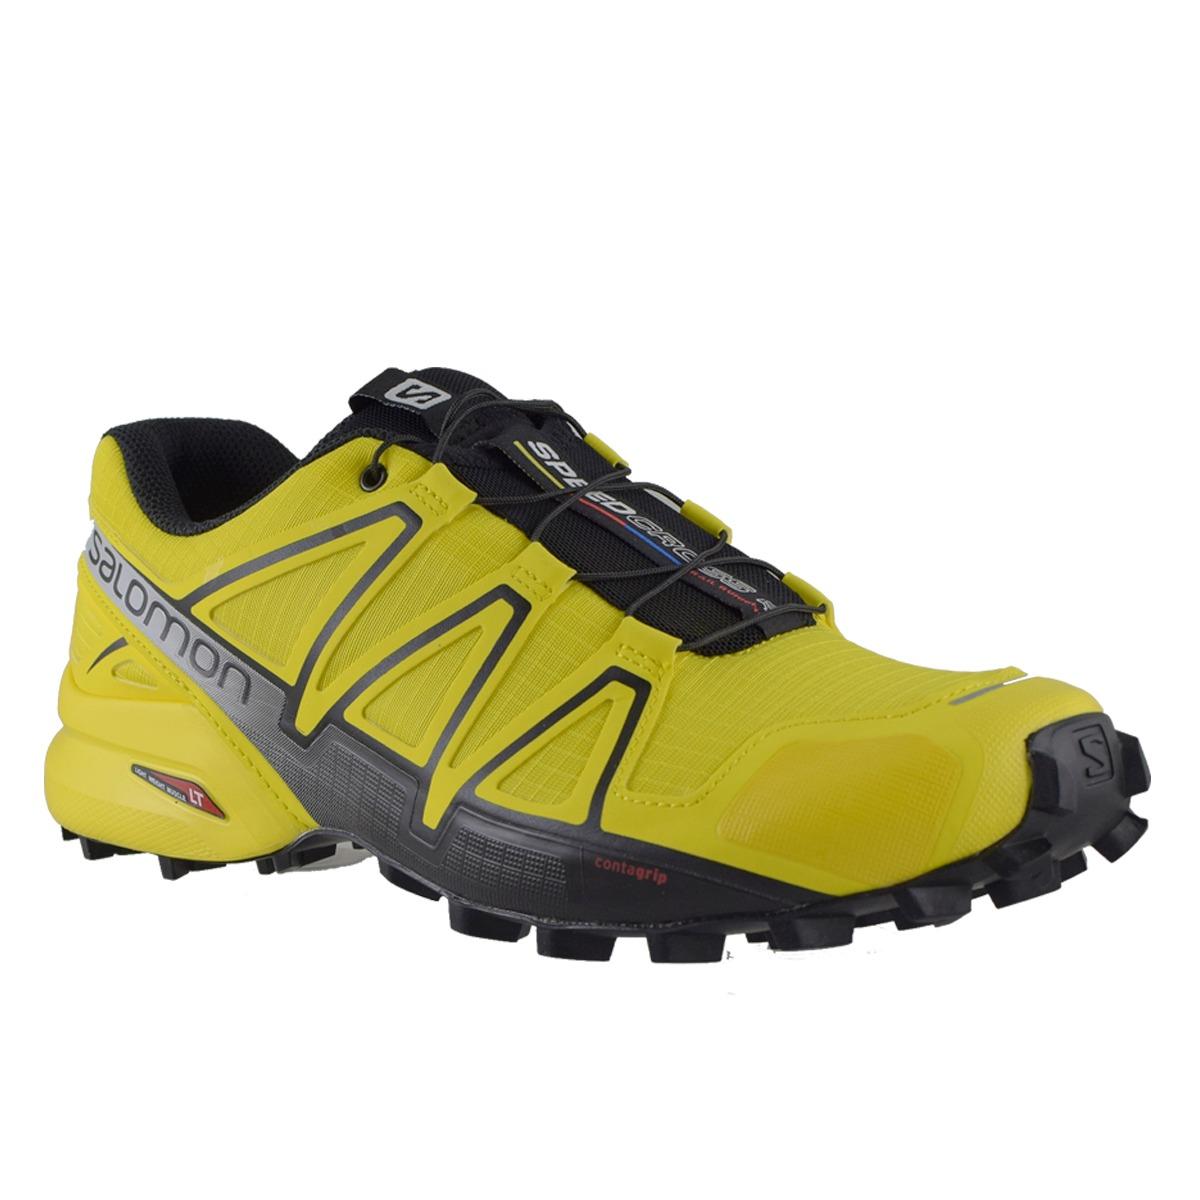 e6506e78281a9 zapatillas hombre salomon trail running speedcross 4 ye bl. Cargando zoom.